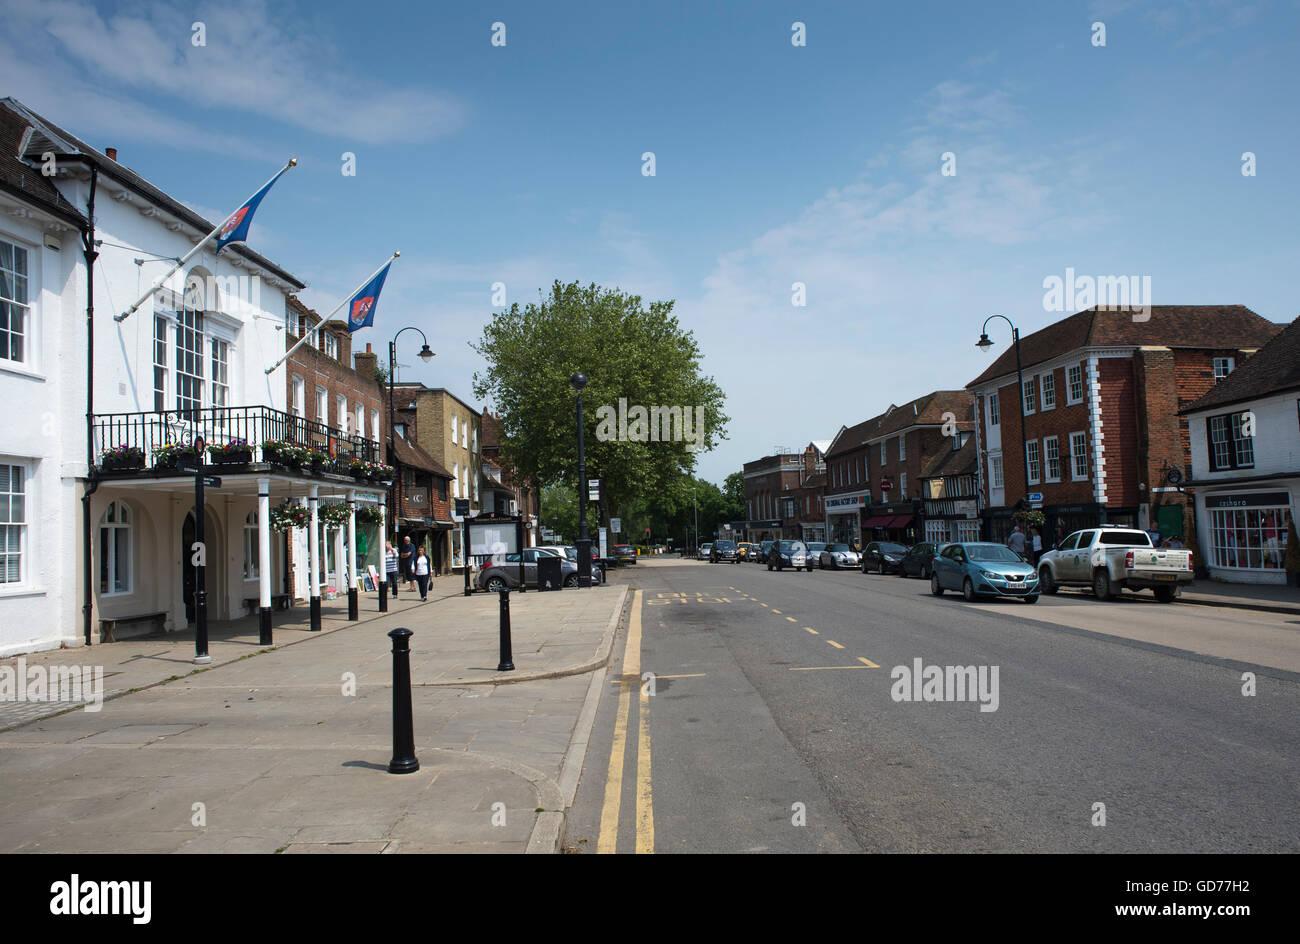 Tenterden, Kent. - Stock Image